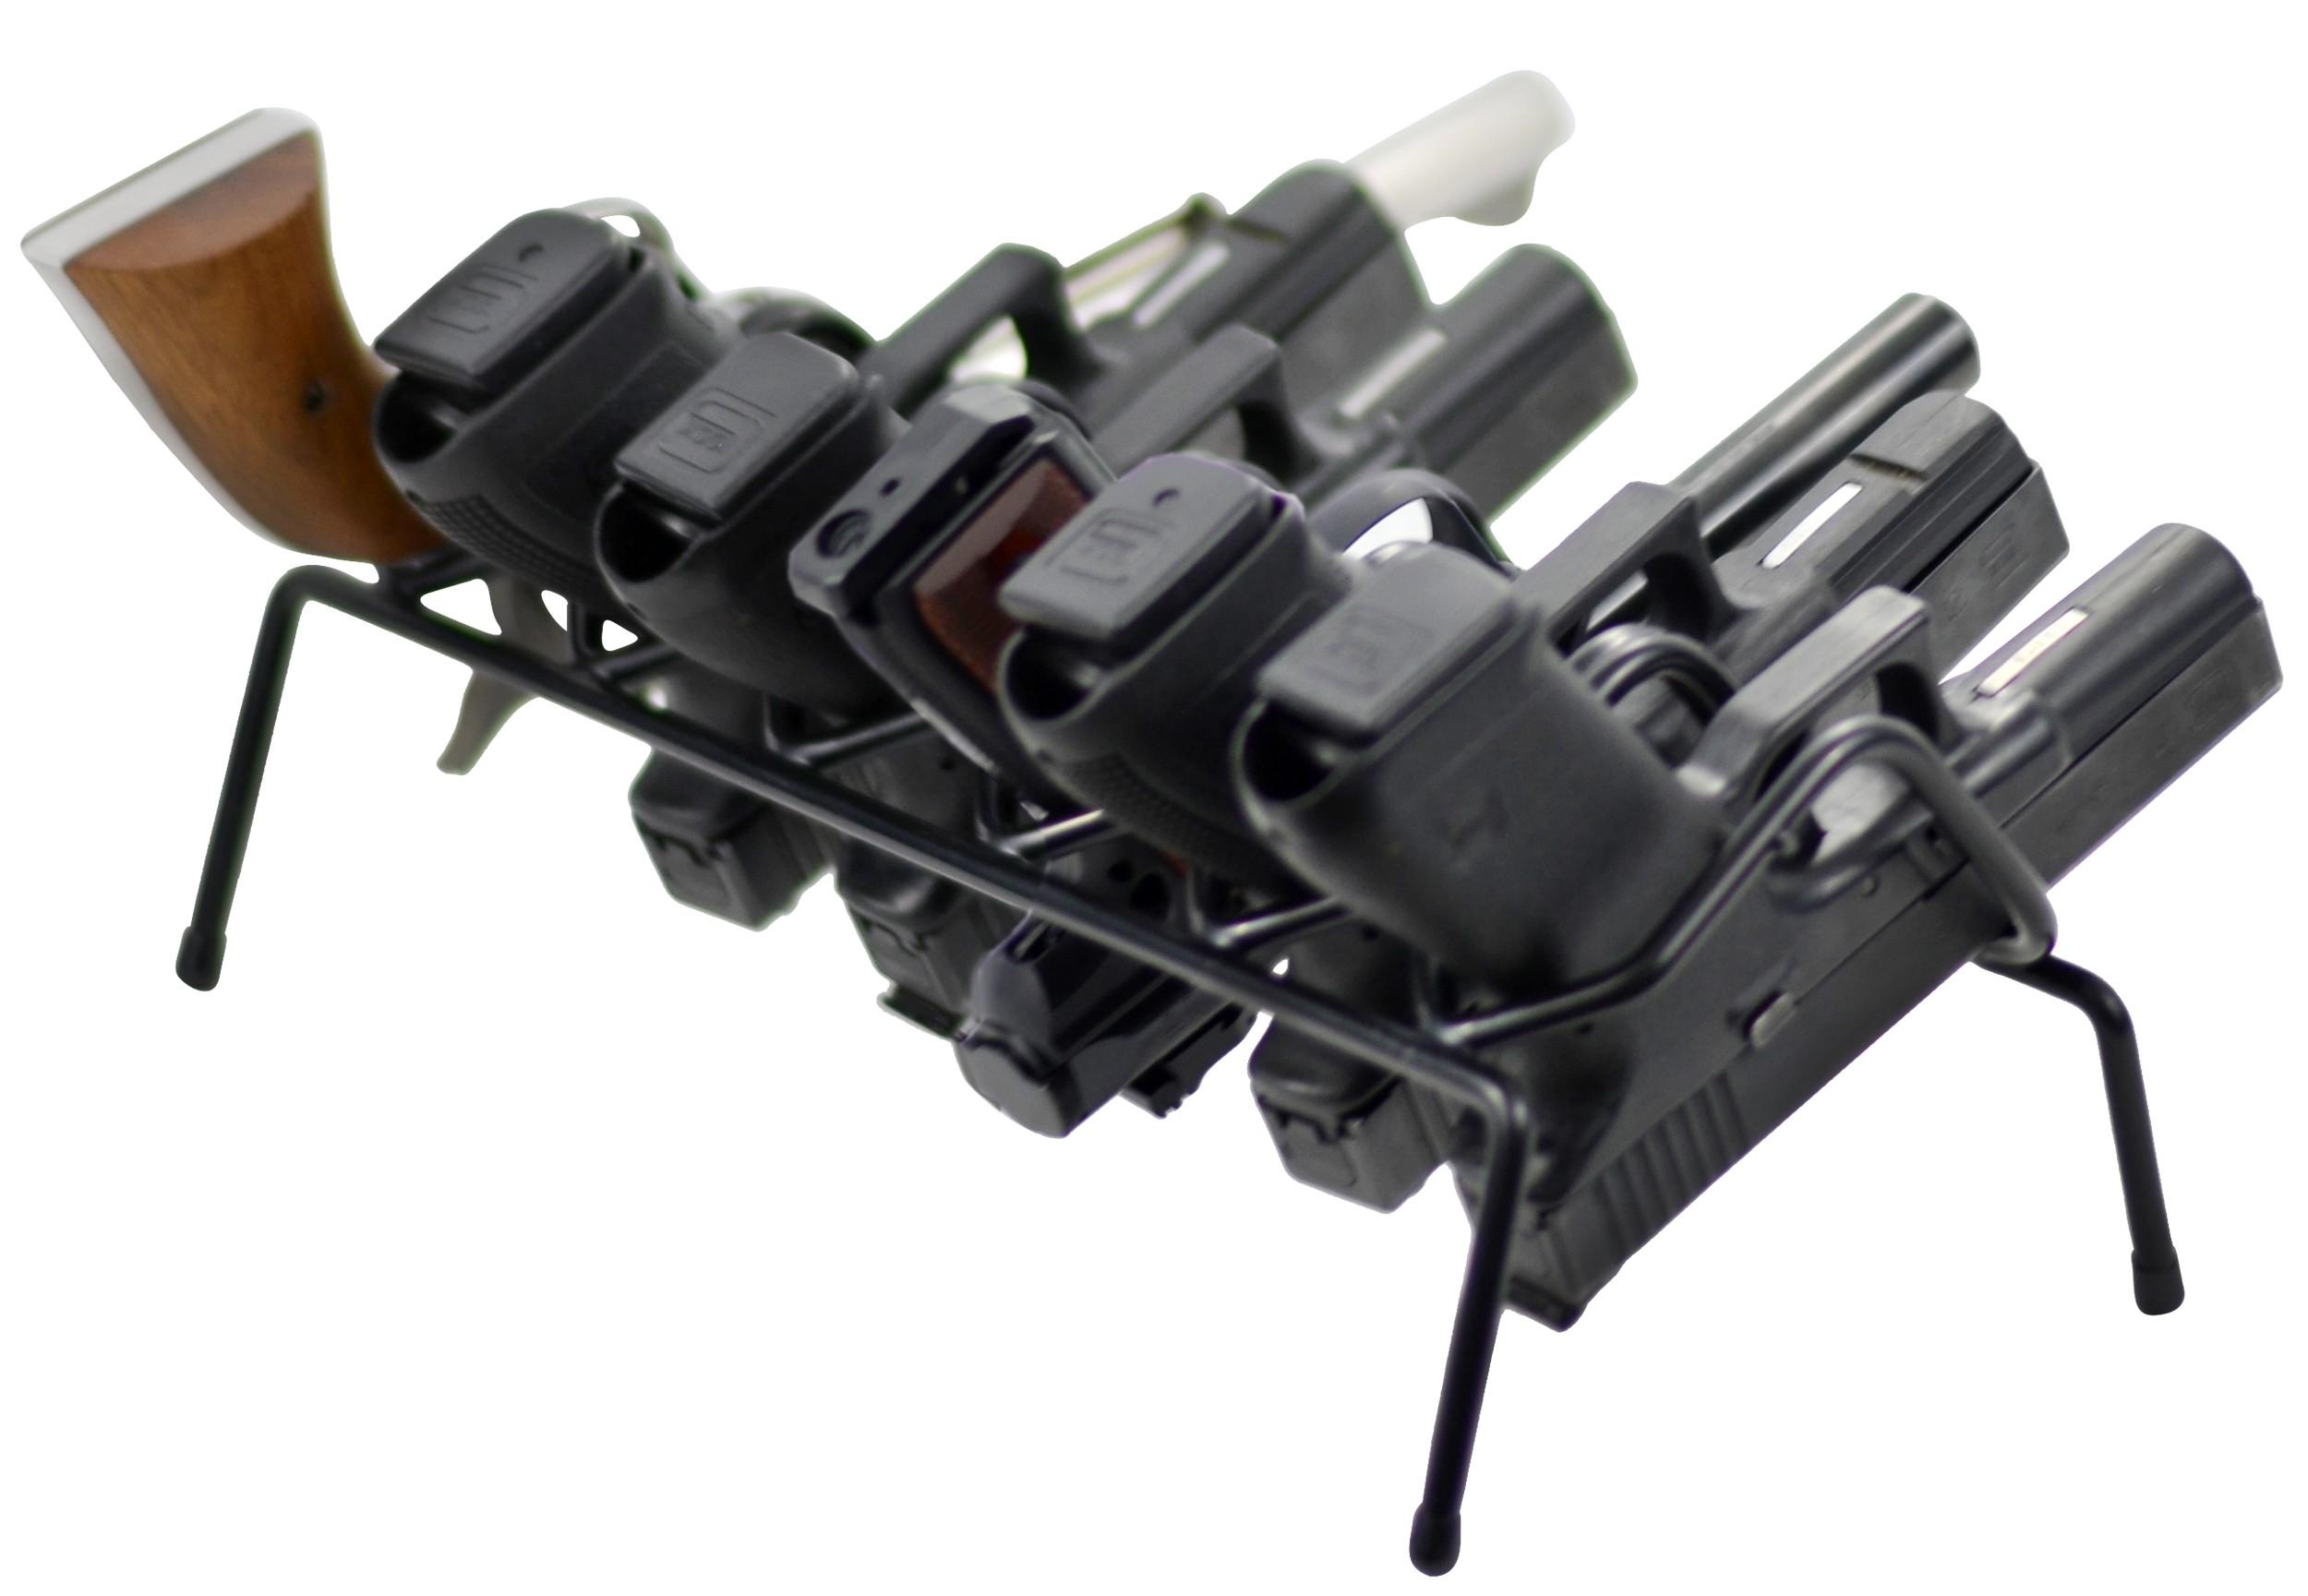 Handgun Rack 6 Gun Model, Black